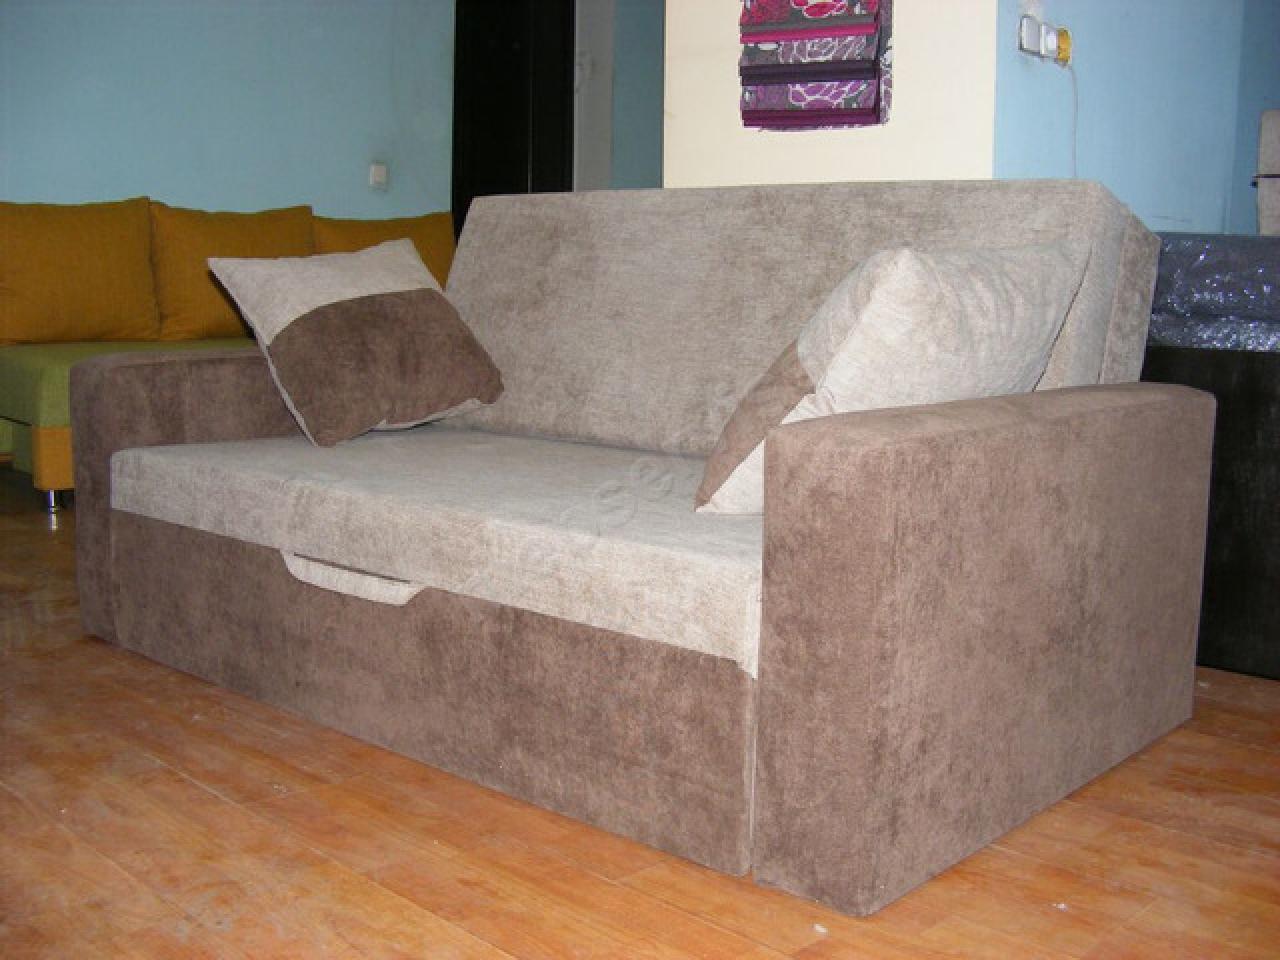 Раскладные кресла/диваны ширина - 7